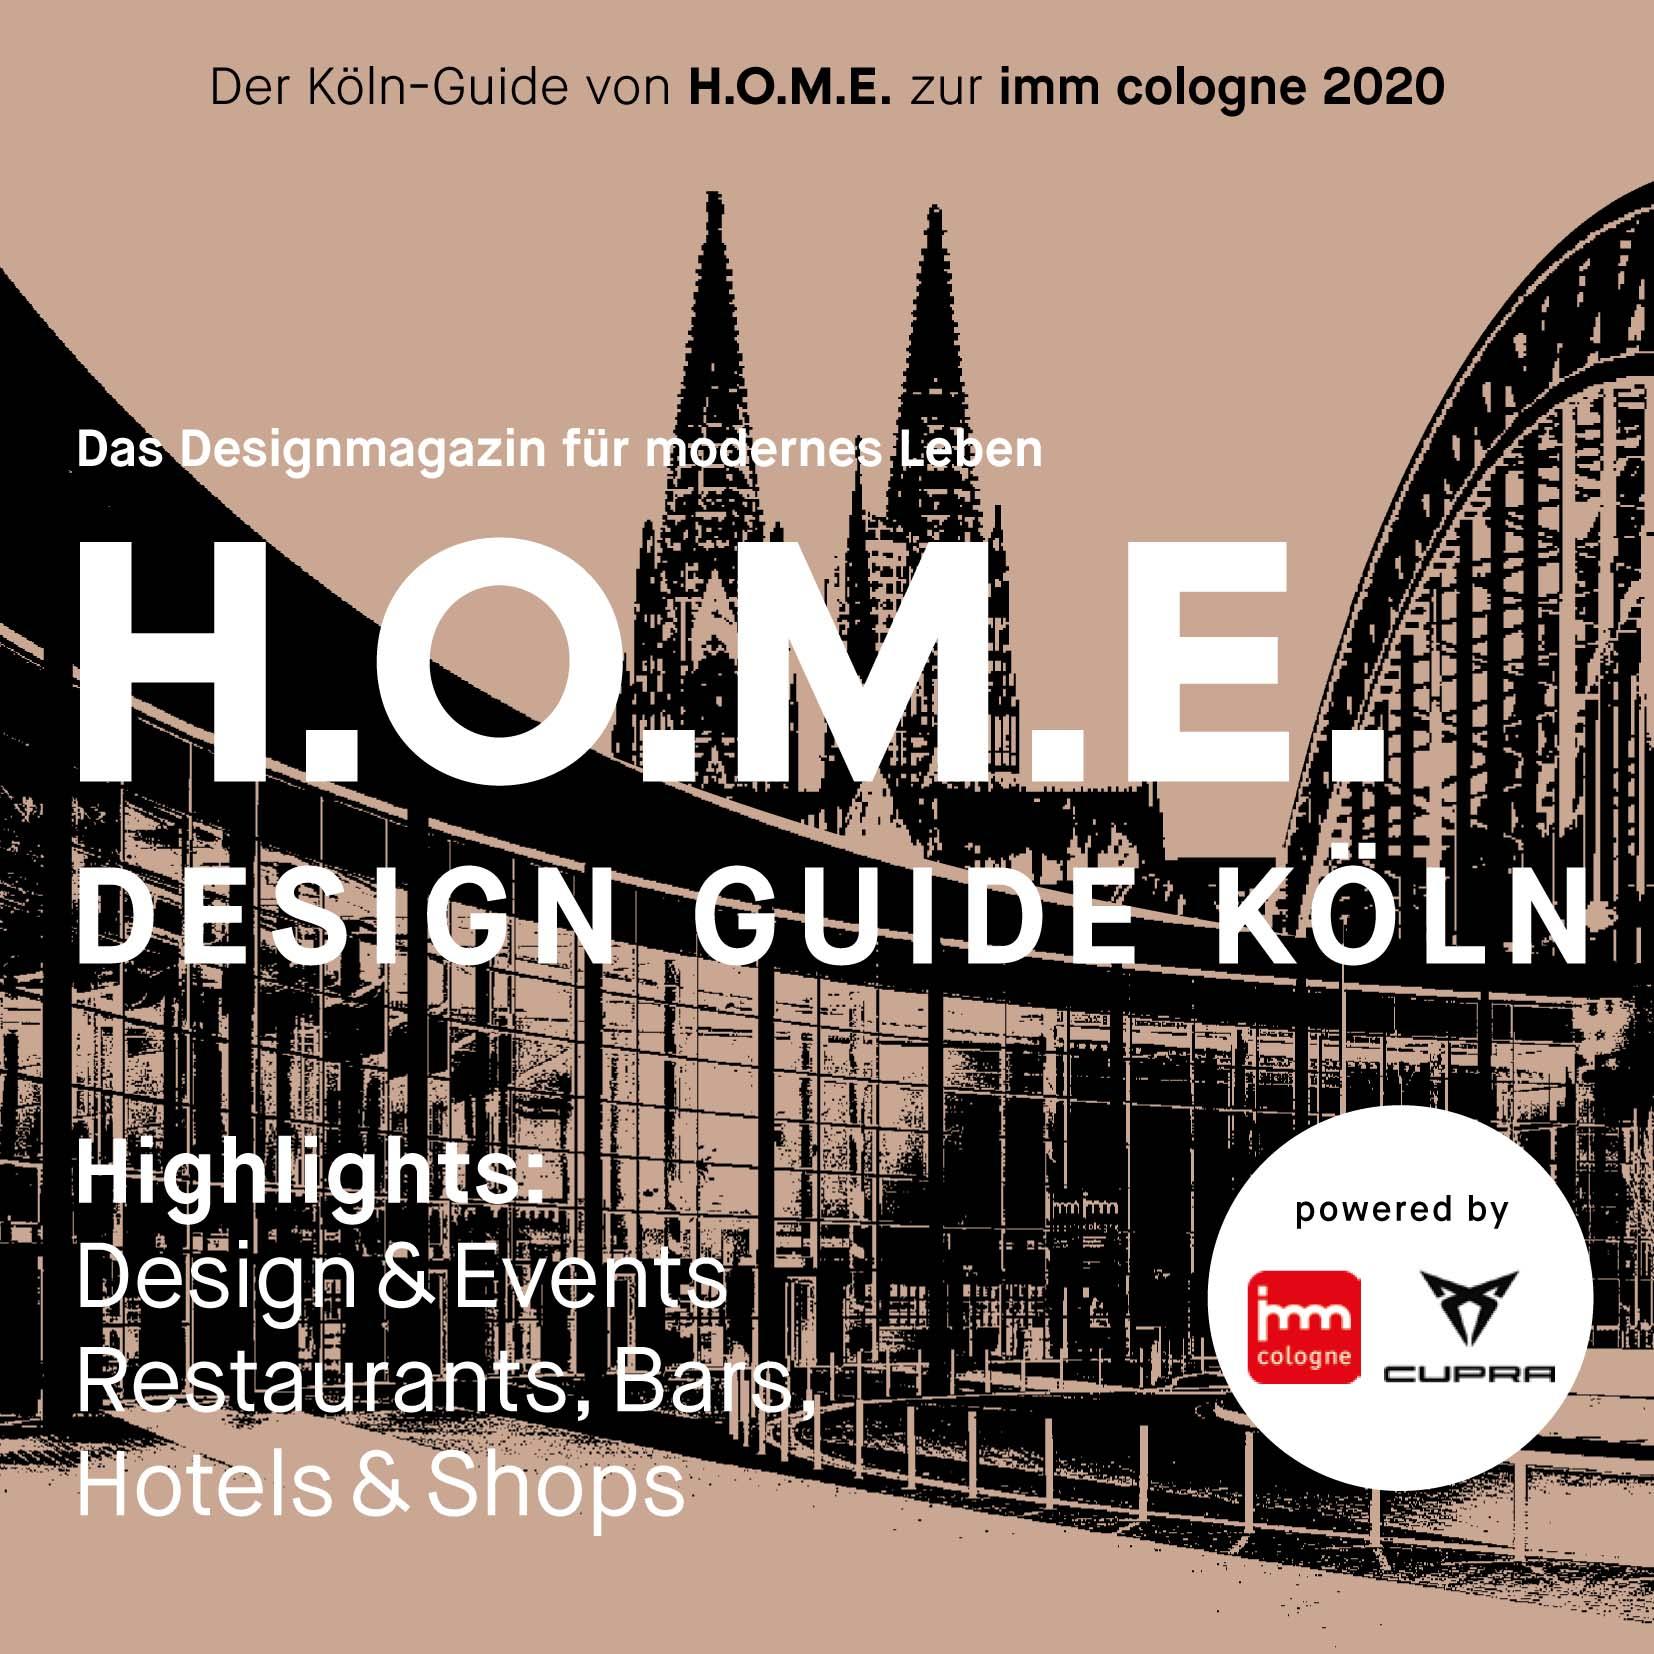 H.O.M.E. Design Guide Köln